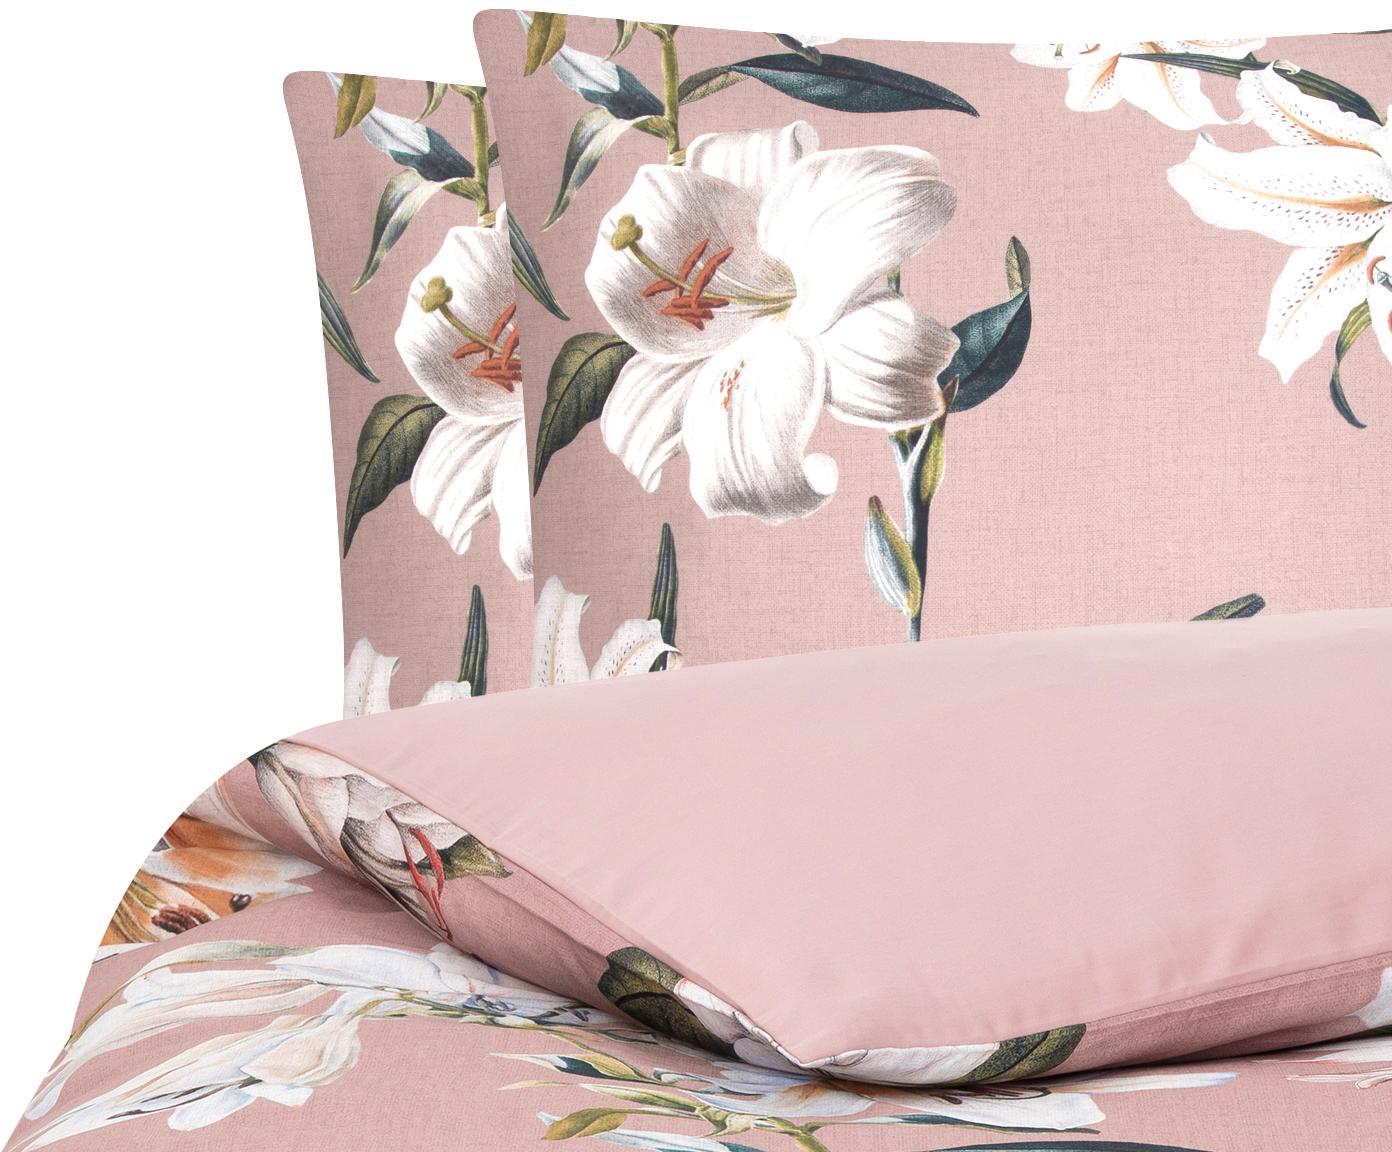 Pościel z satyny bawełnianej Flori, Przód: brudny różowy, kremowobiały Tył: brudny różowy, 240 x 220 cm